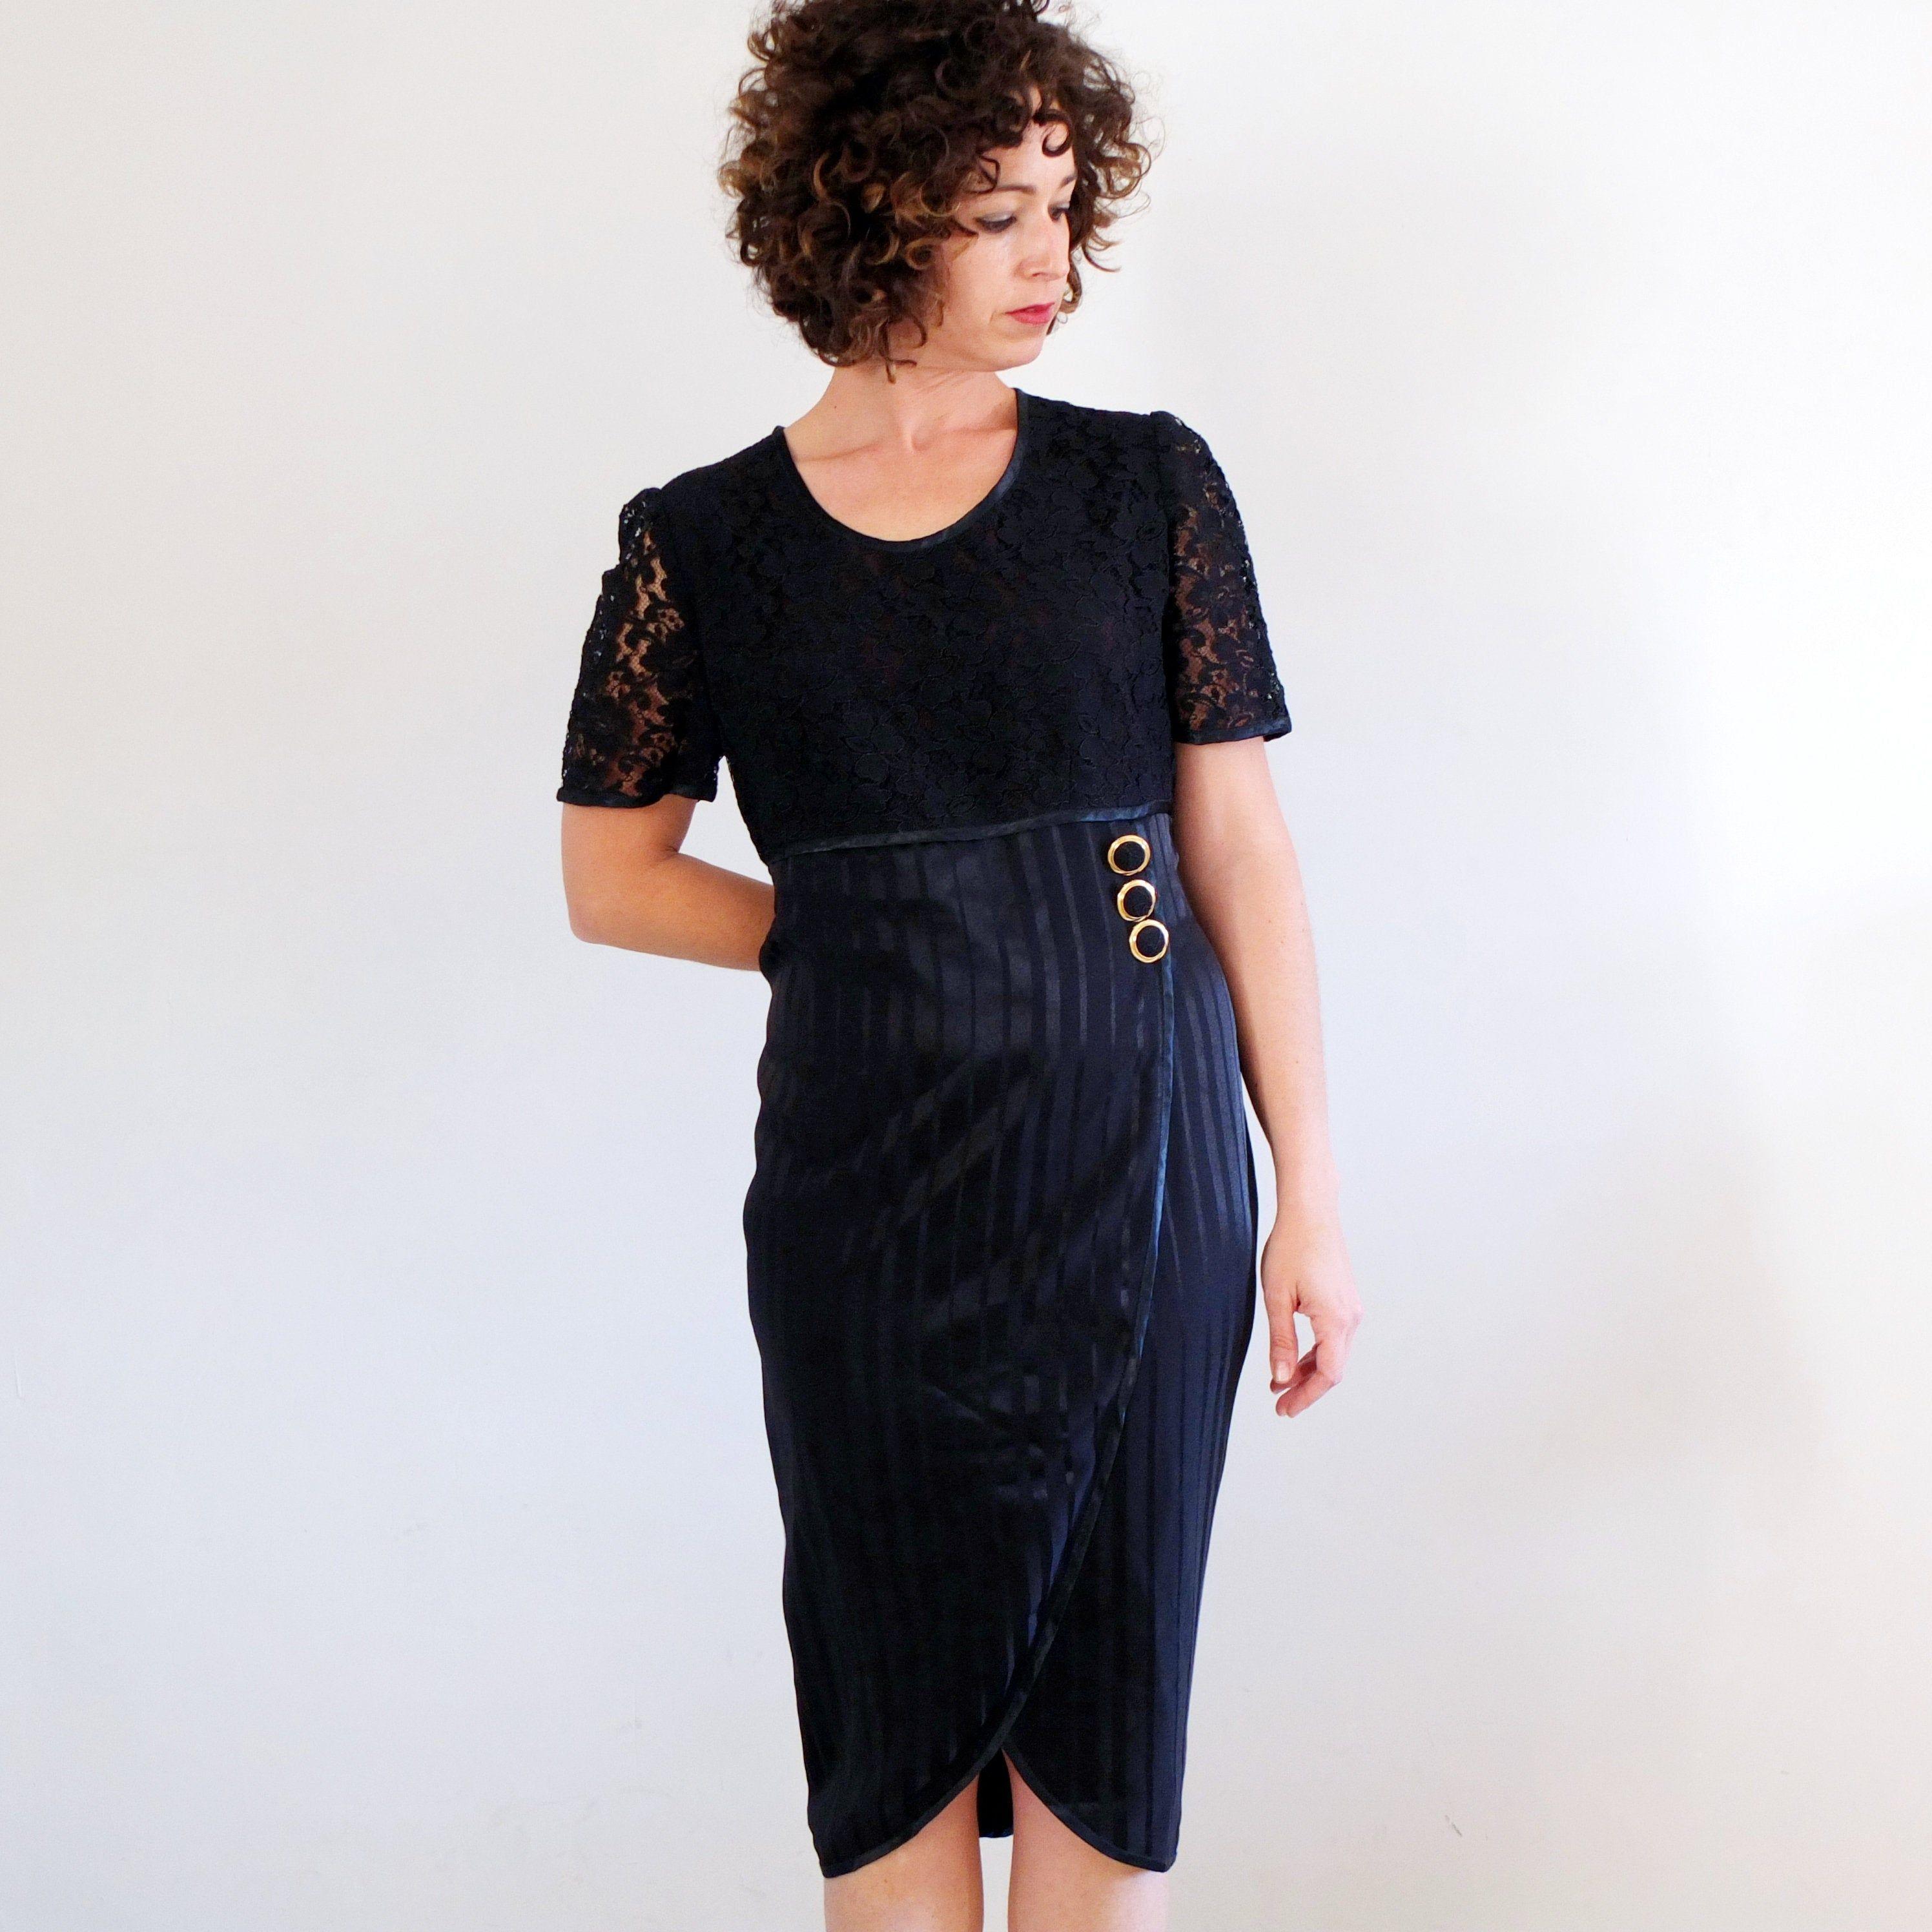 Vintage Black Lace Evening Gown Vintage 80s Cocktail Prom Lace Dress Vintage 80s Party El Lace Dress Vintage Cocktail Evening Dresses Black Lace Evening Gown [ 2992 x 2992 Pixel ]